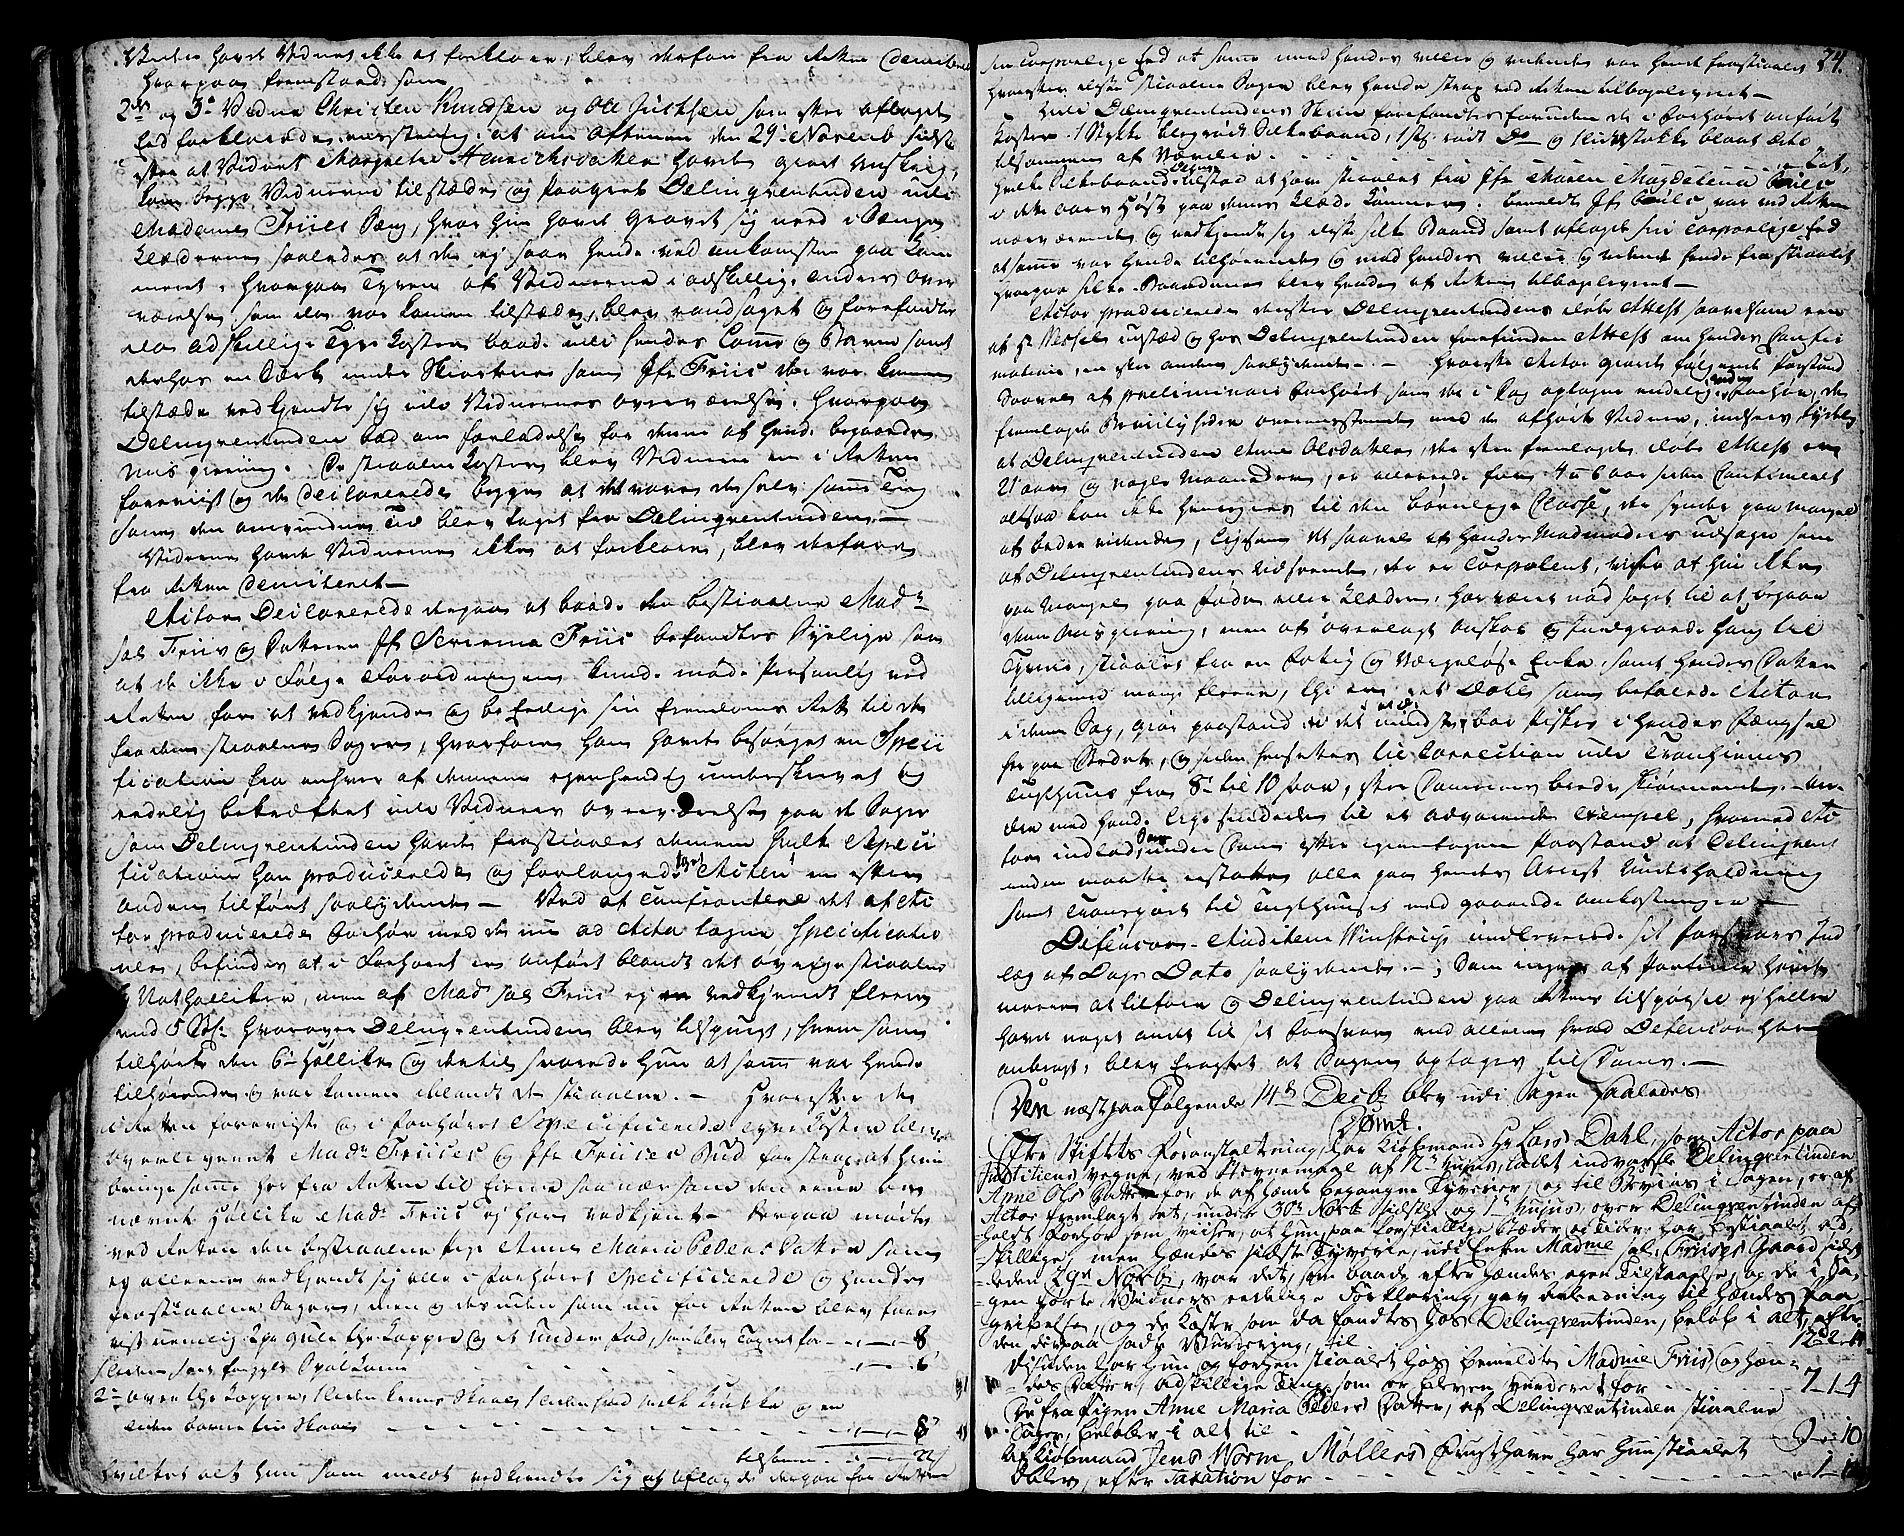 SAT, Molde byfogd, 1/1A/L0002: Justisprotokoll, 1797-1831, s. 23b-24a